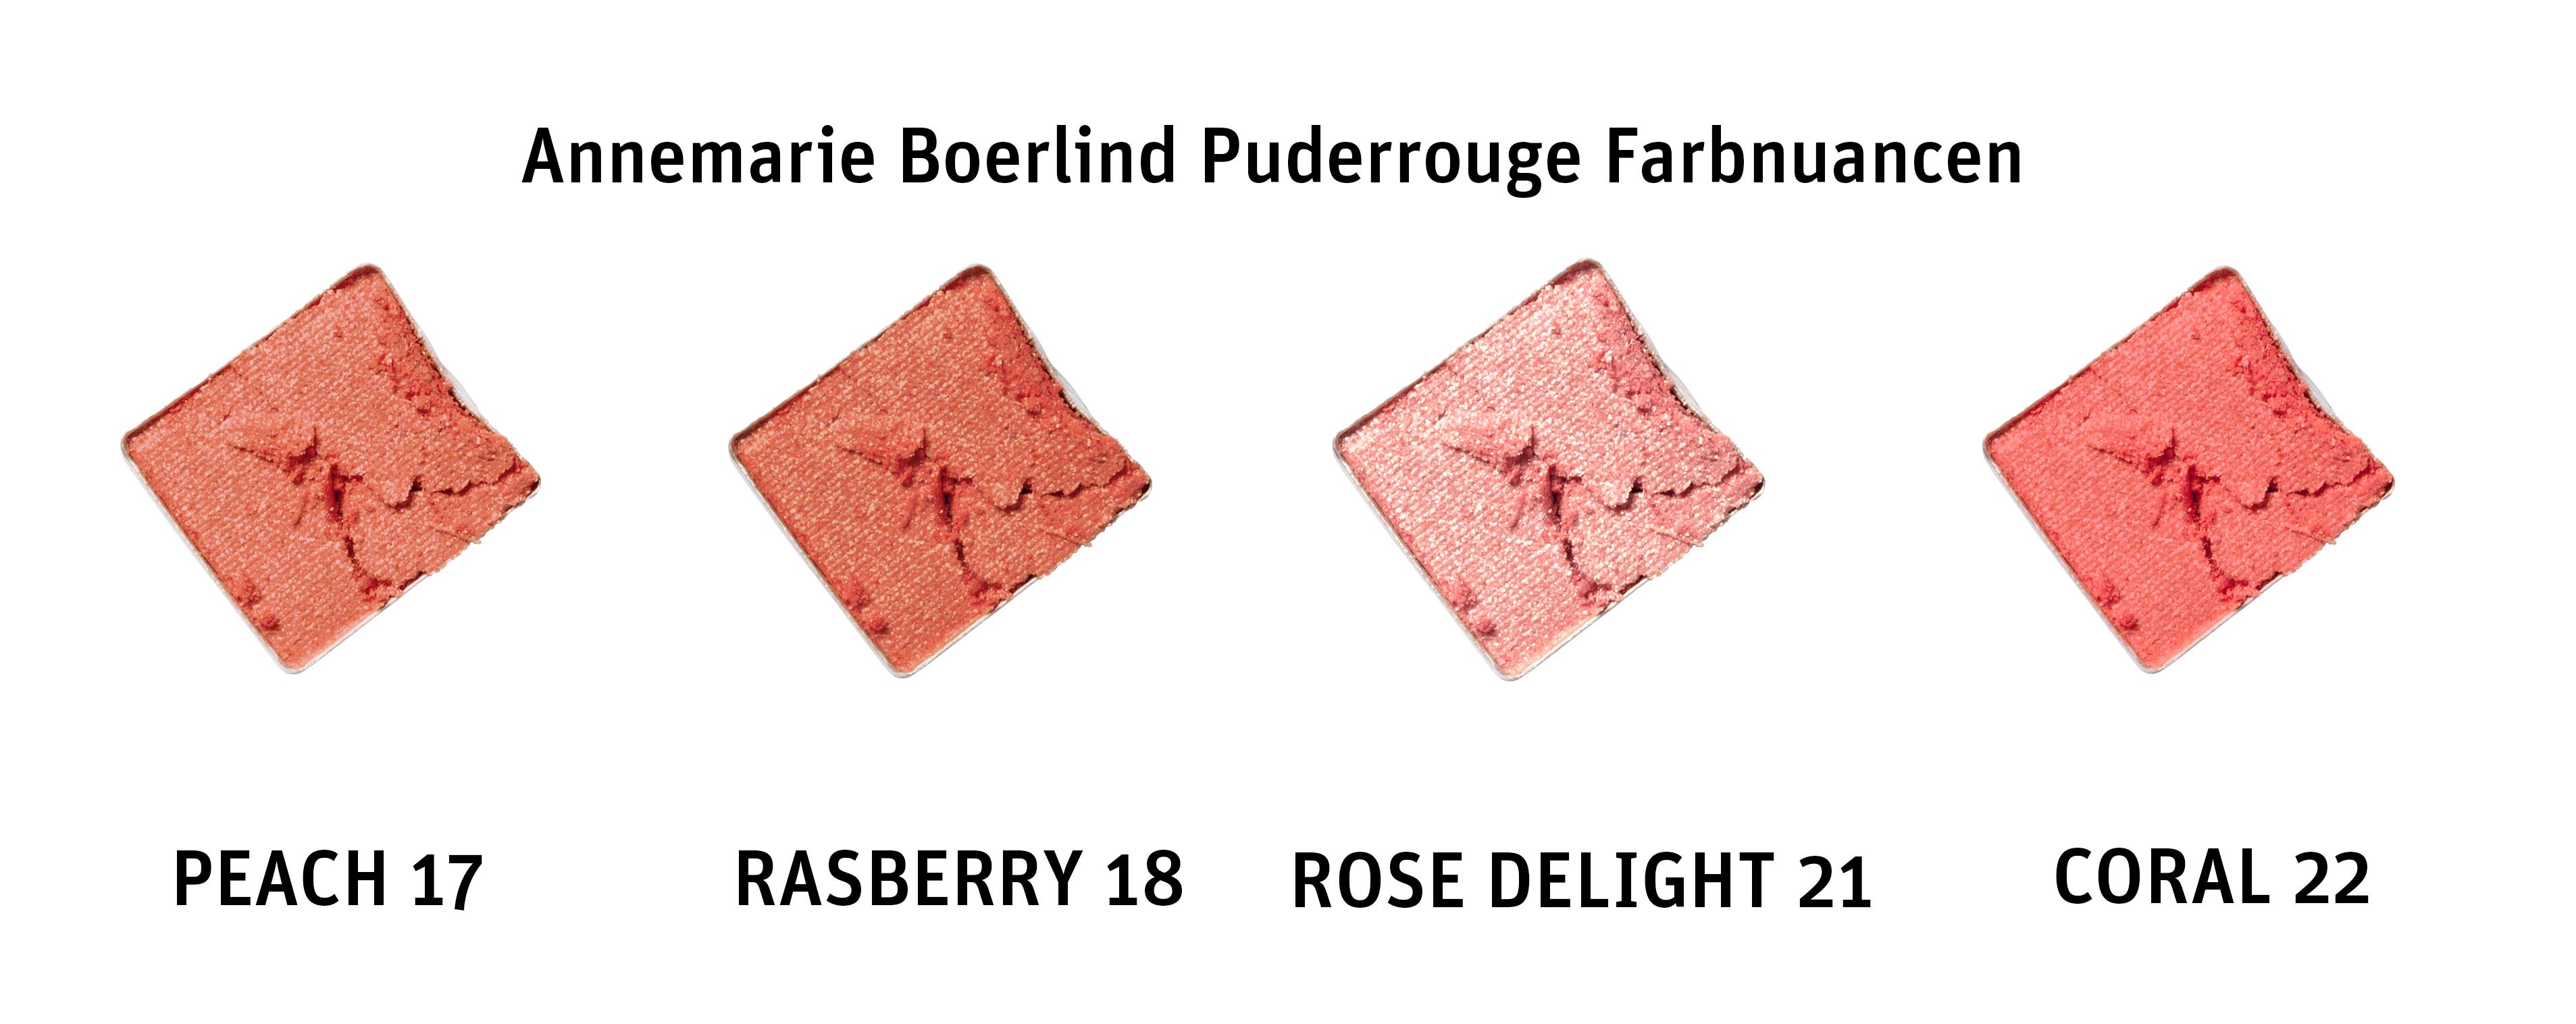 Annemarie-Boerlind_Puderrouge_Nuancen